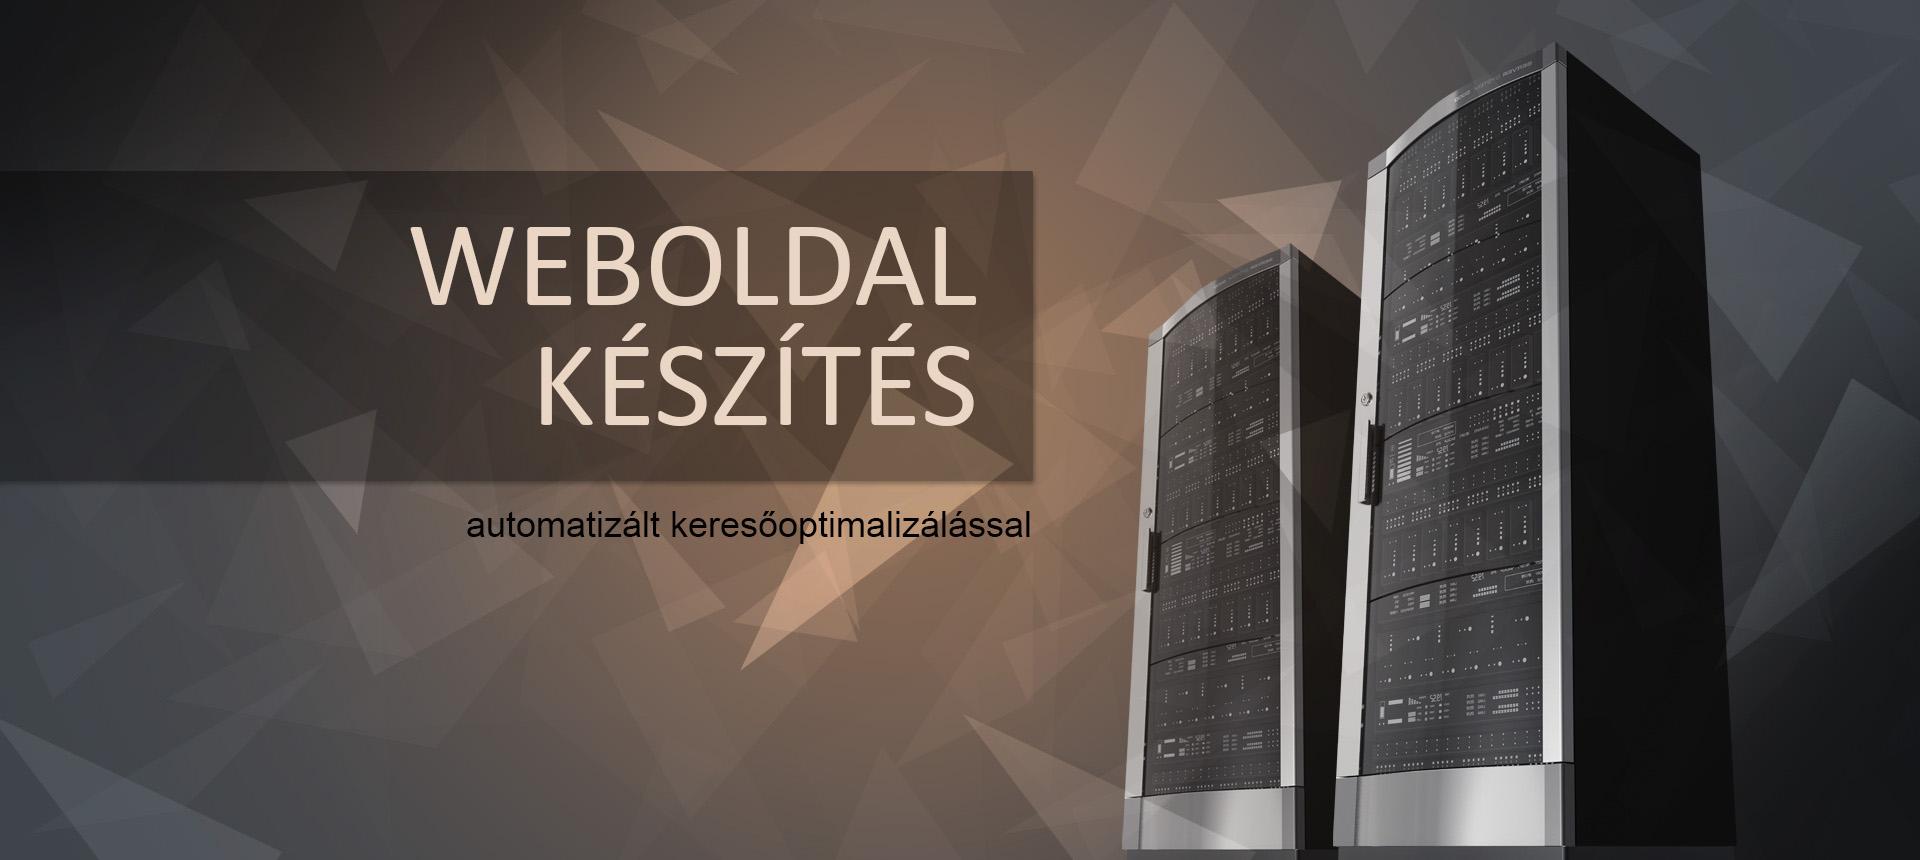 Mobilbarát Reszponzív Honlapkészítés